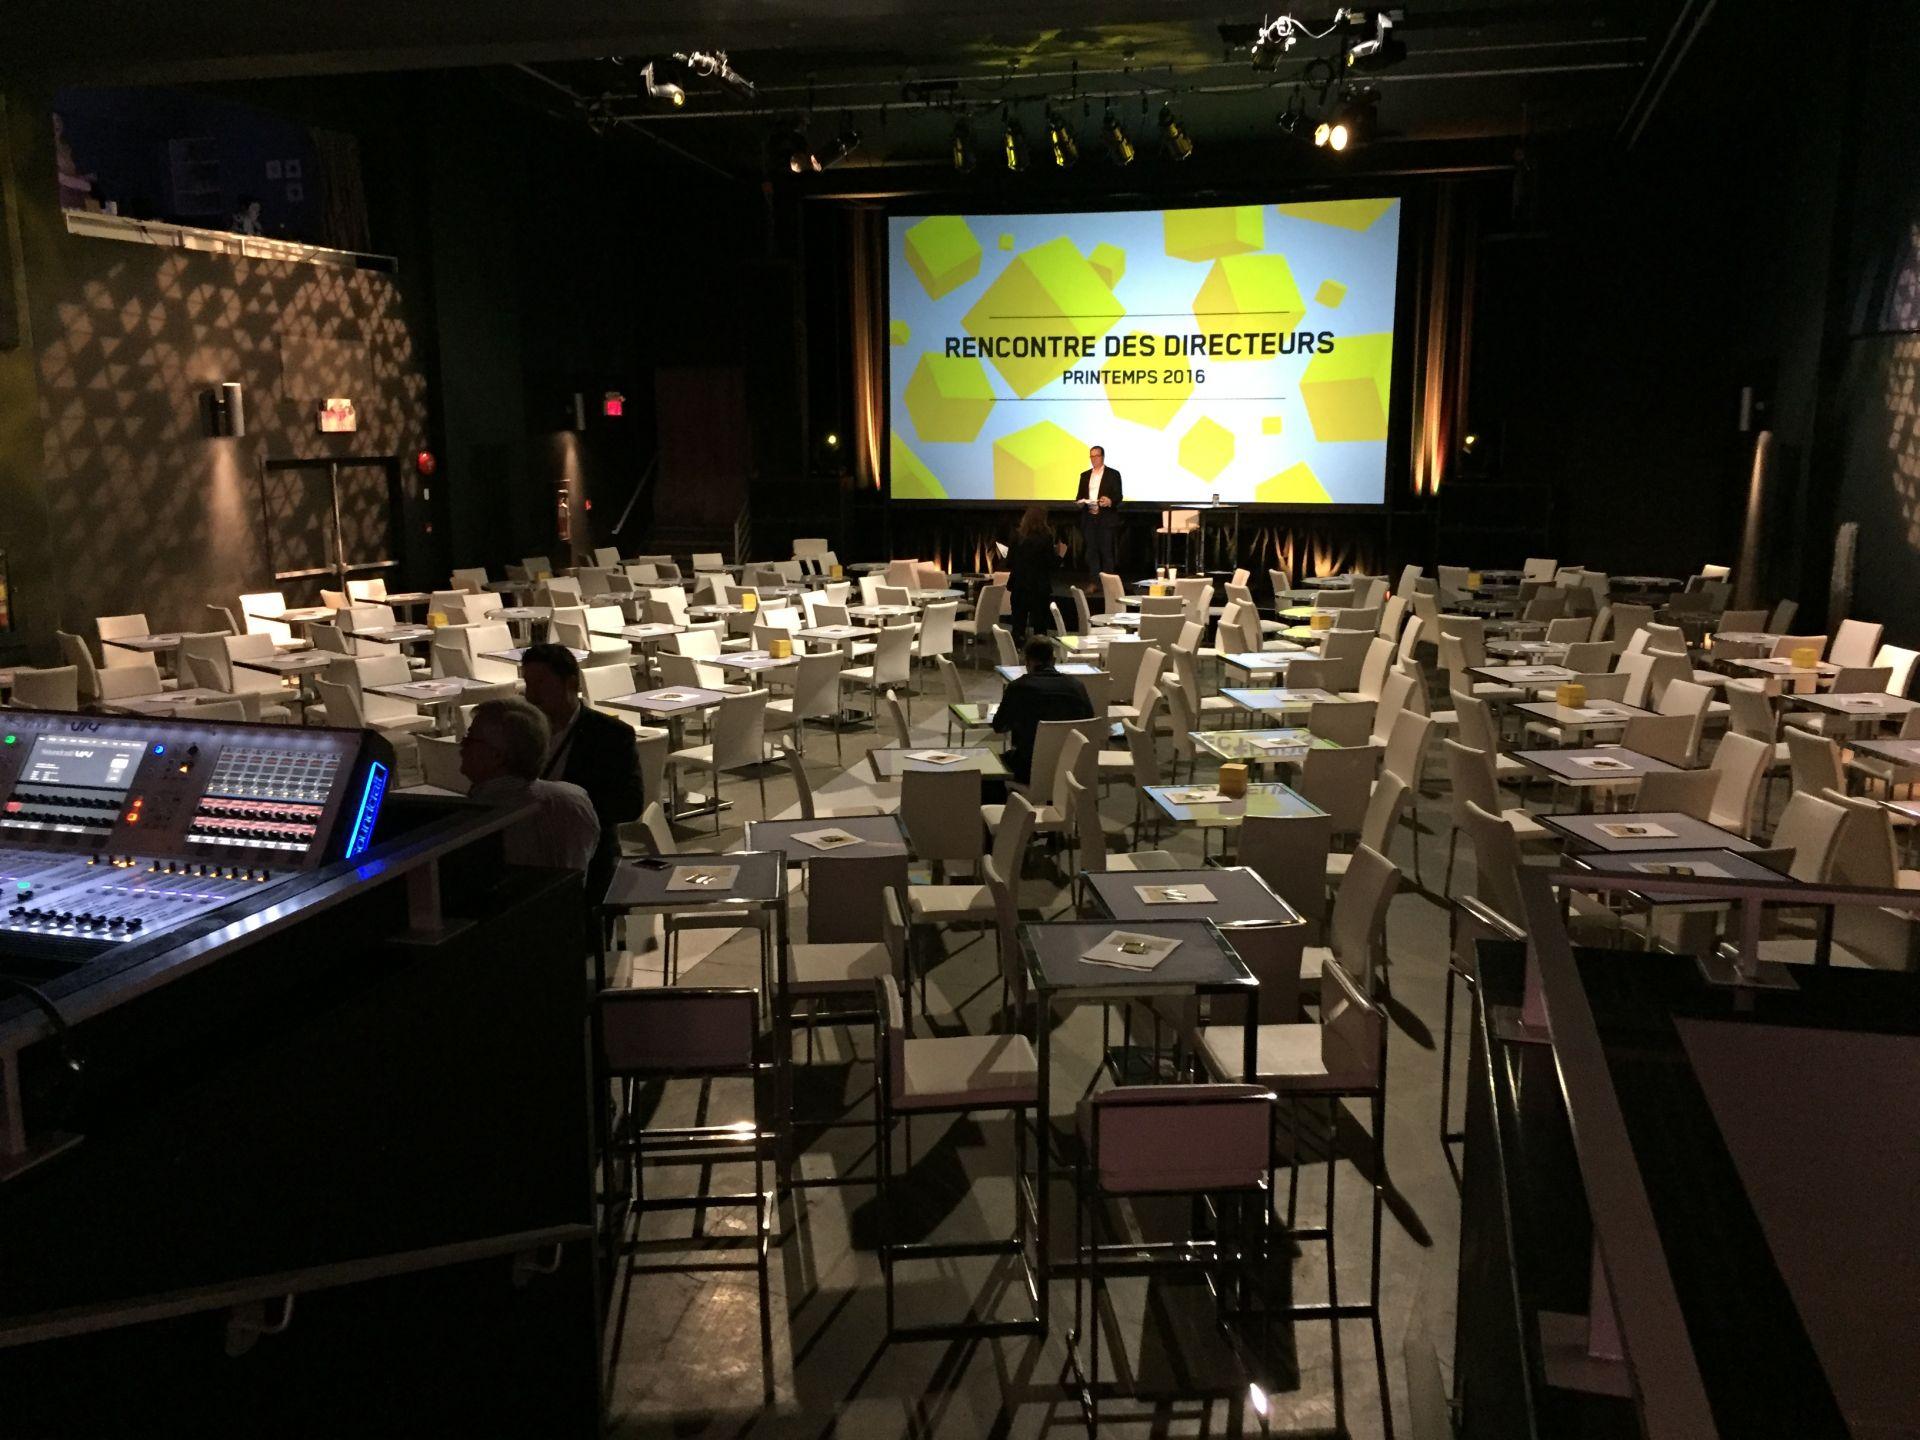 Location de salle au Québec